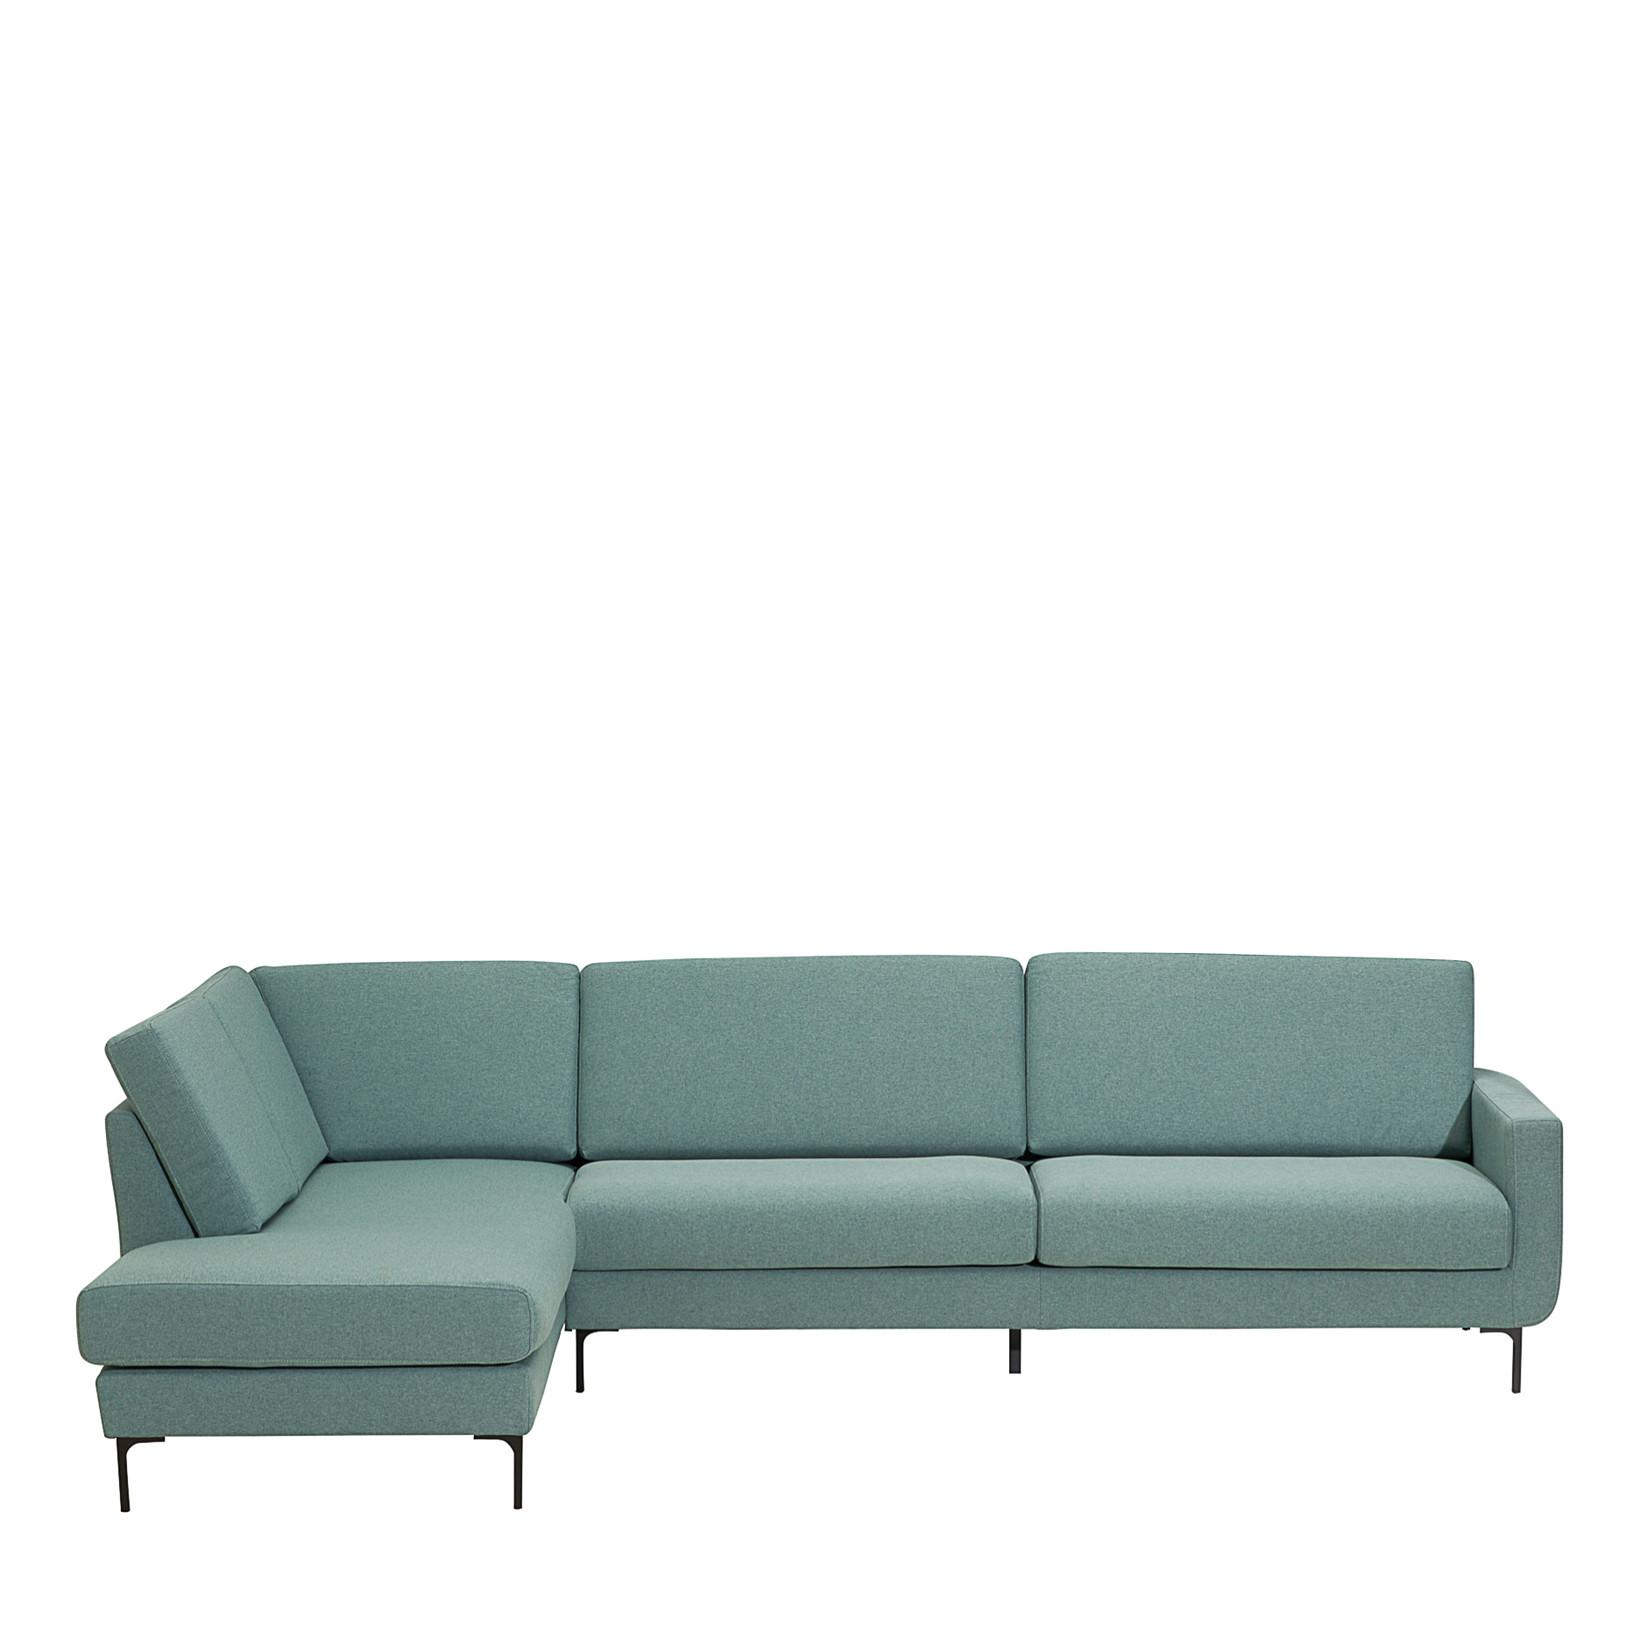 Chaiselong Sofa Stort Udvalg Af Chaiselong Sofaer I Smukt Design